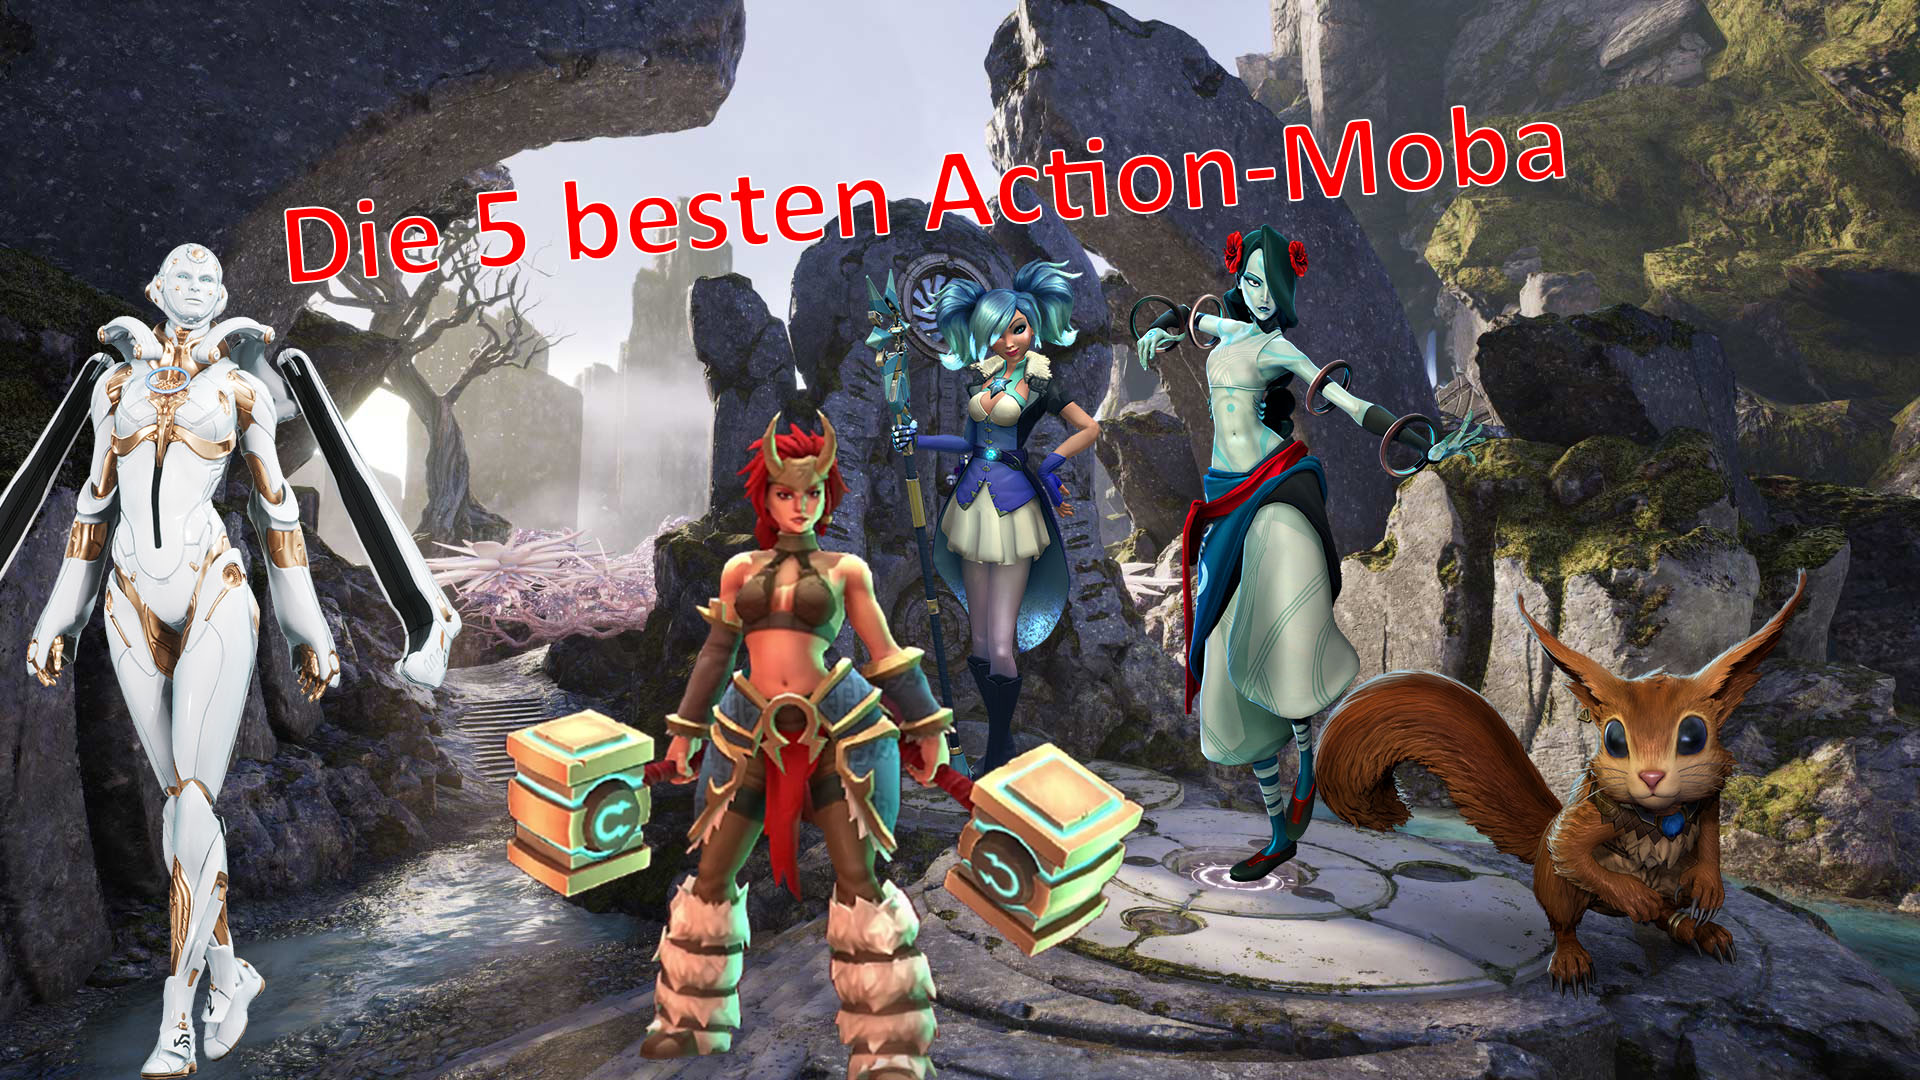 Die 5 besten Action-Moba – das neue Trend-Genre